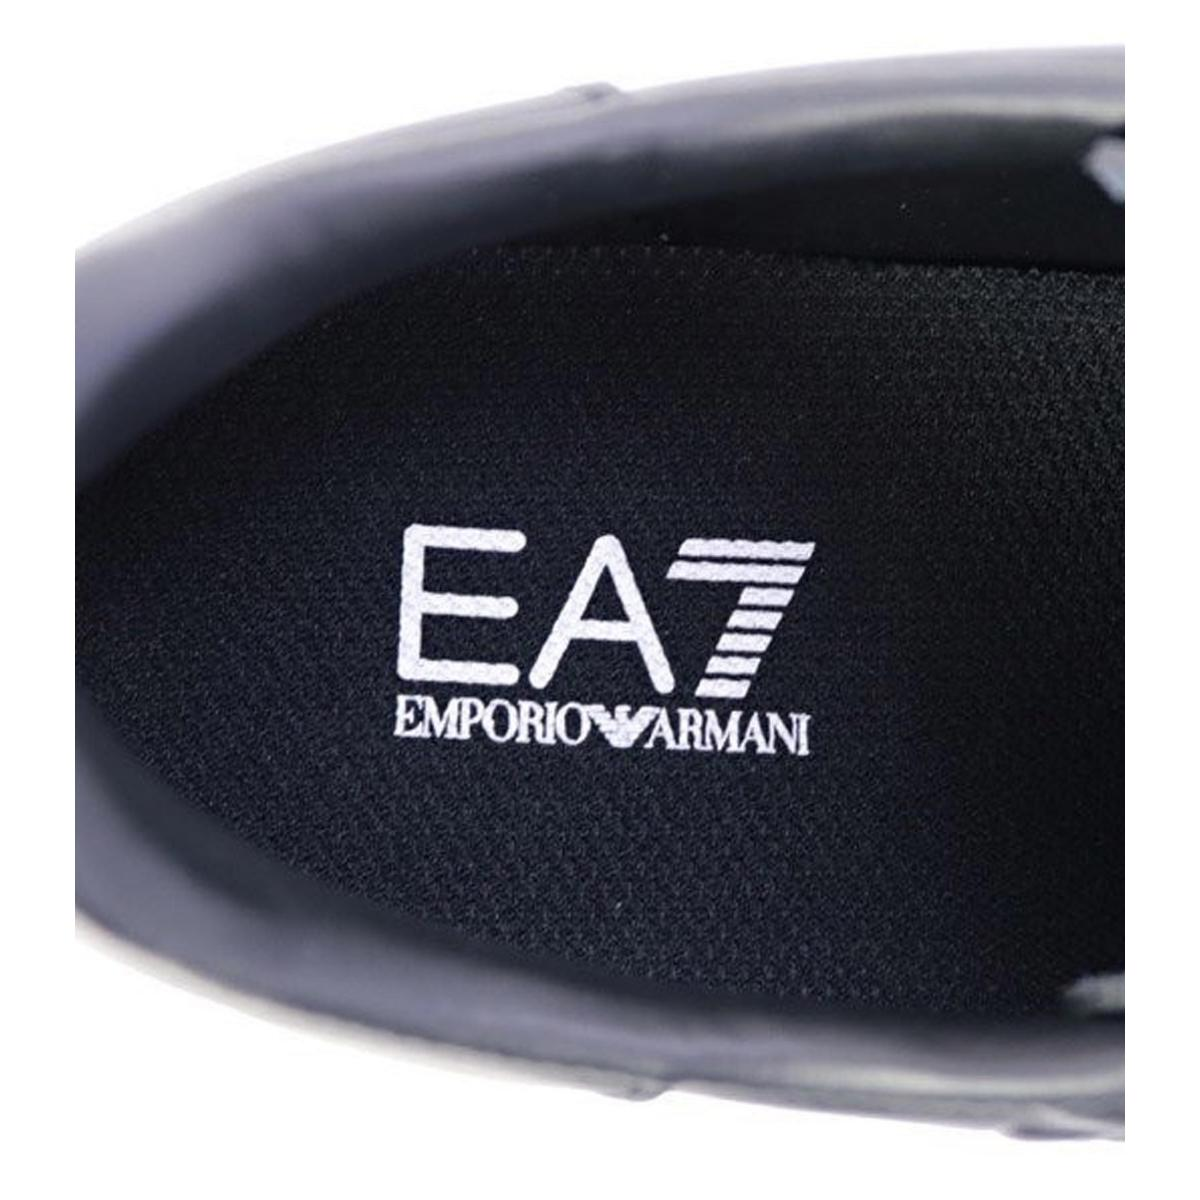 Scarpe Sneaker Emporio Armani EA7 X8X001 XCC01 00002 uomo